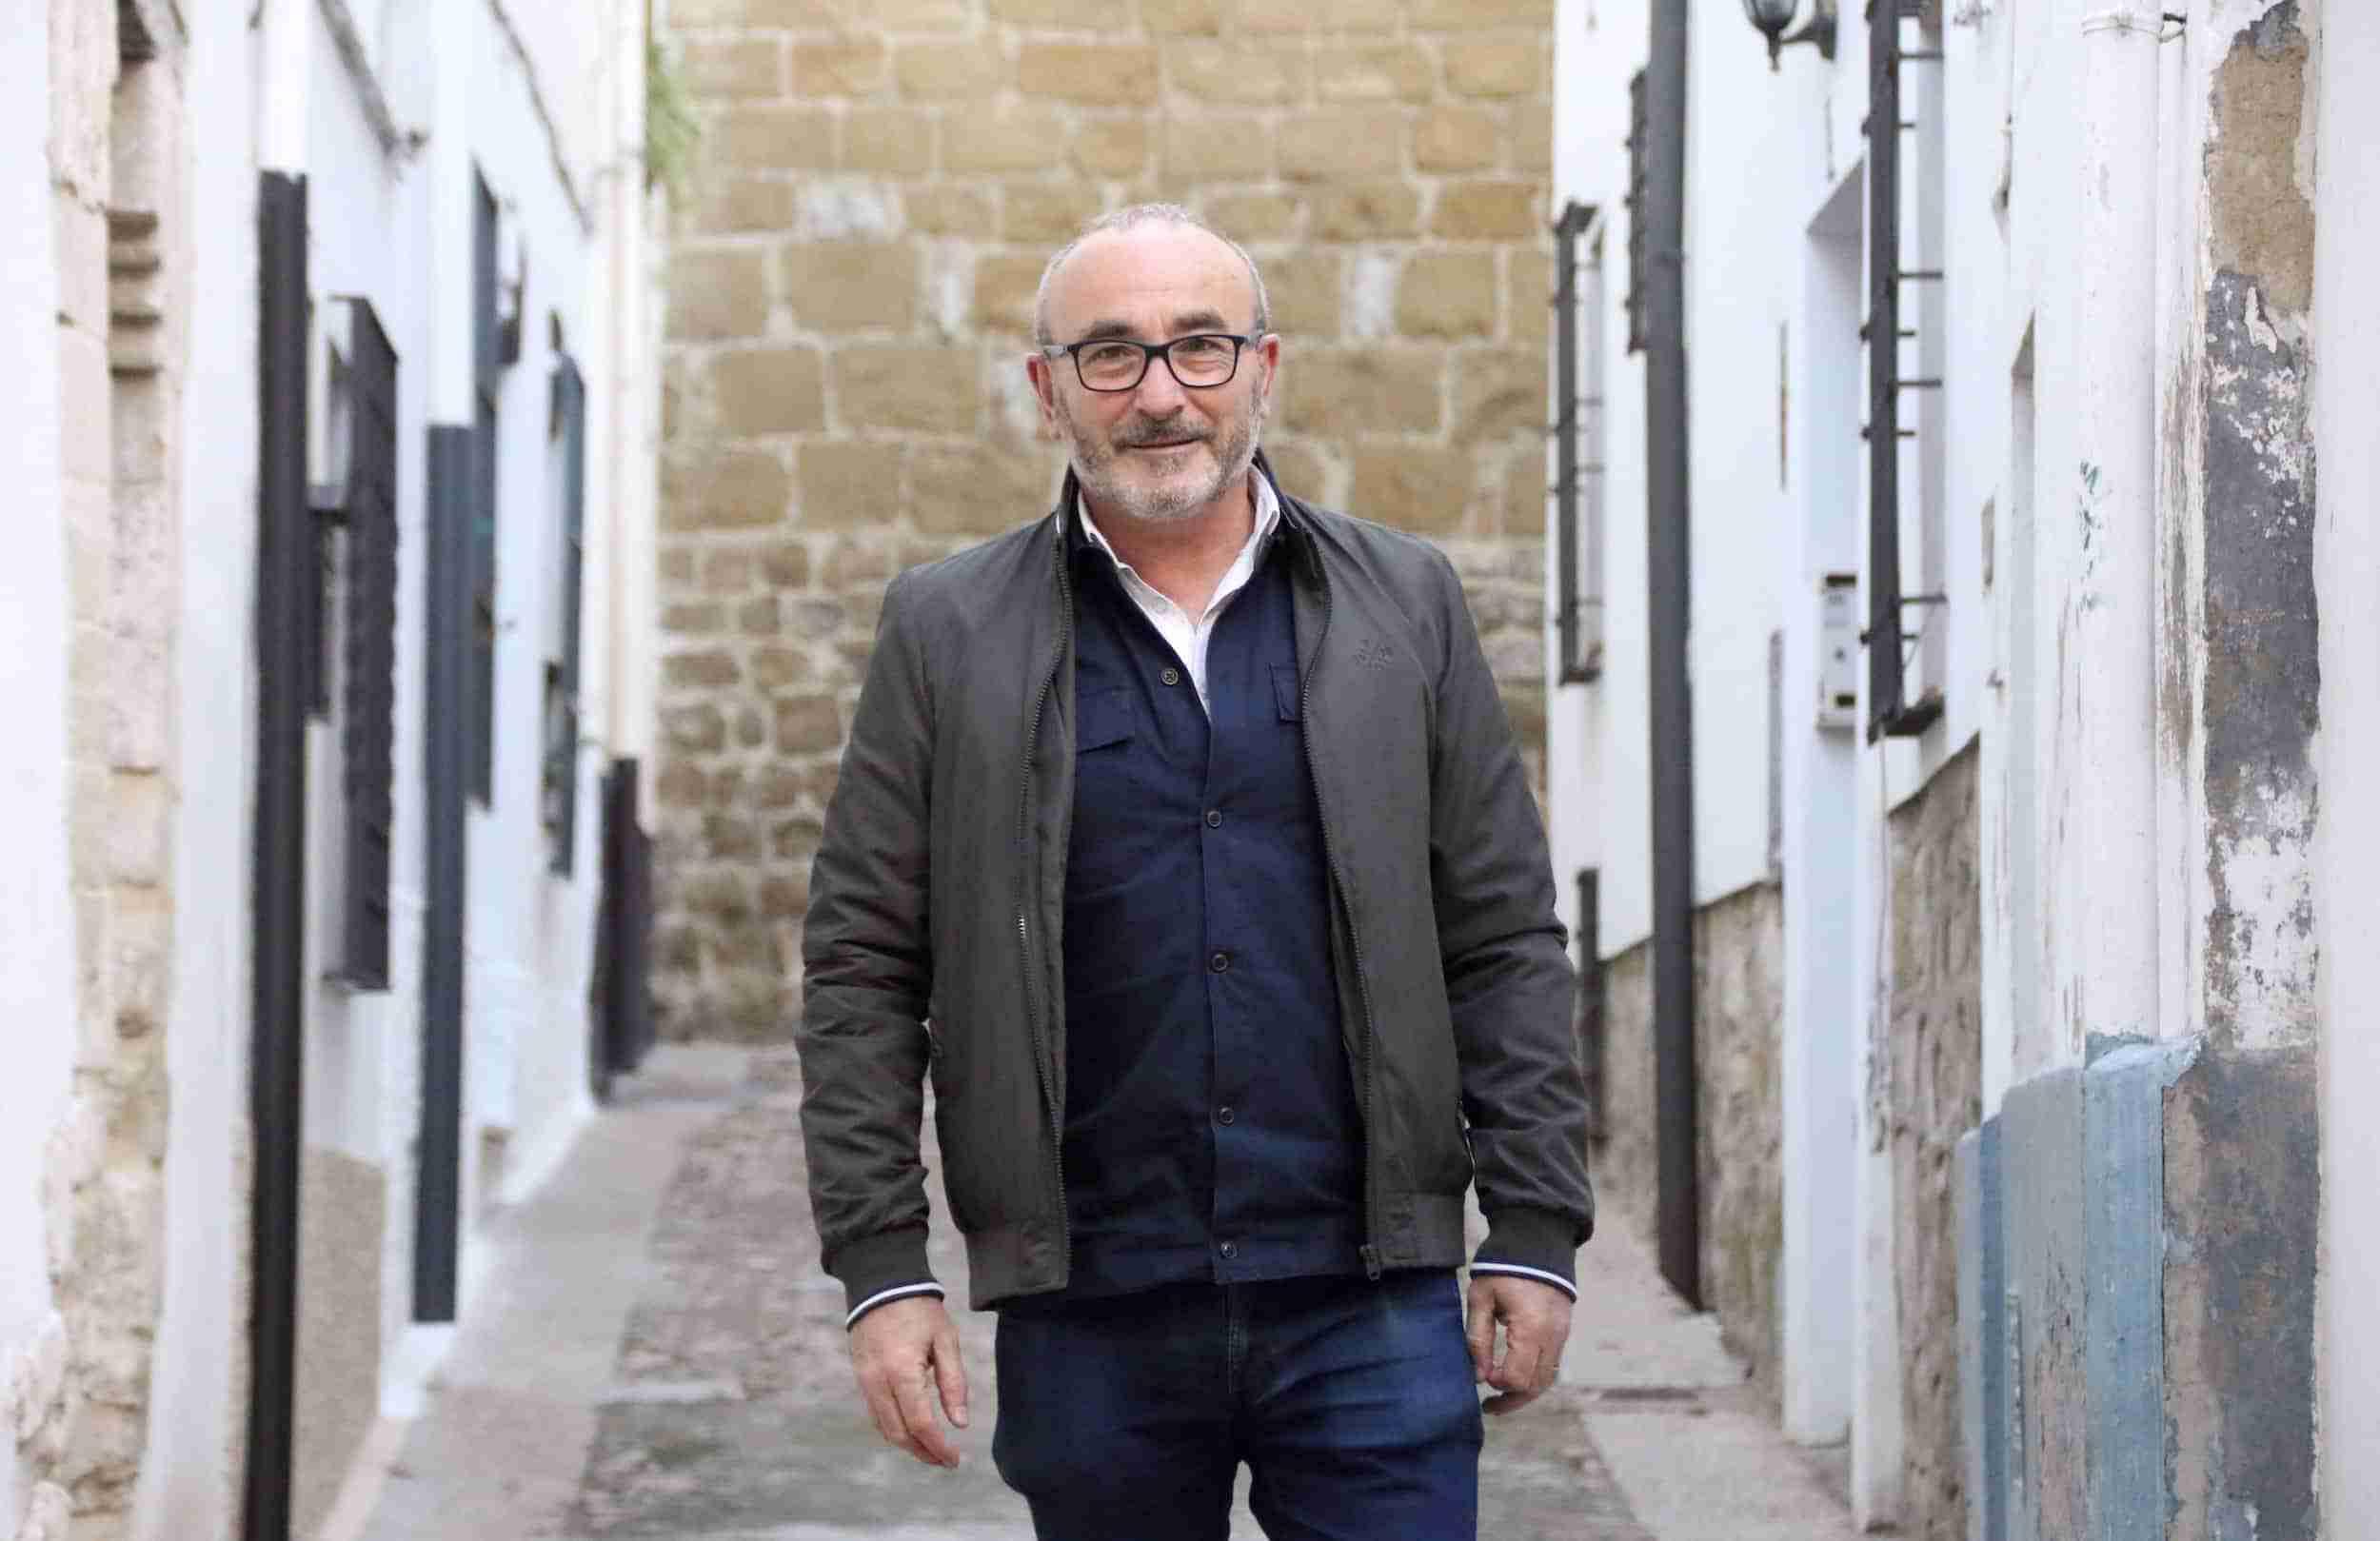 La Mancha como protagonista de la nueva novela de Luis Foronda, Verde 3